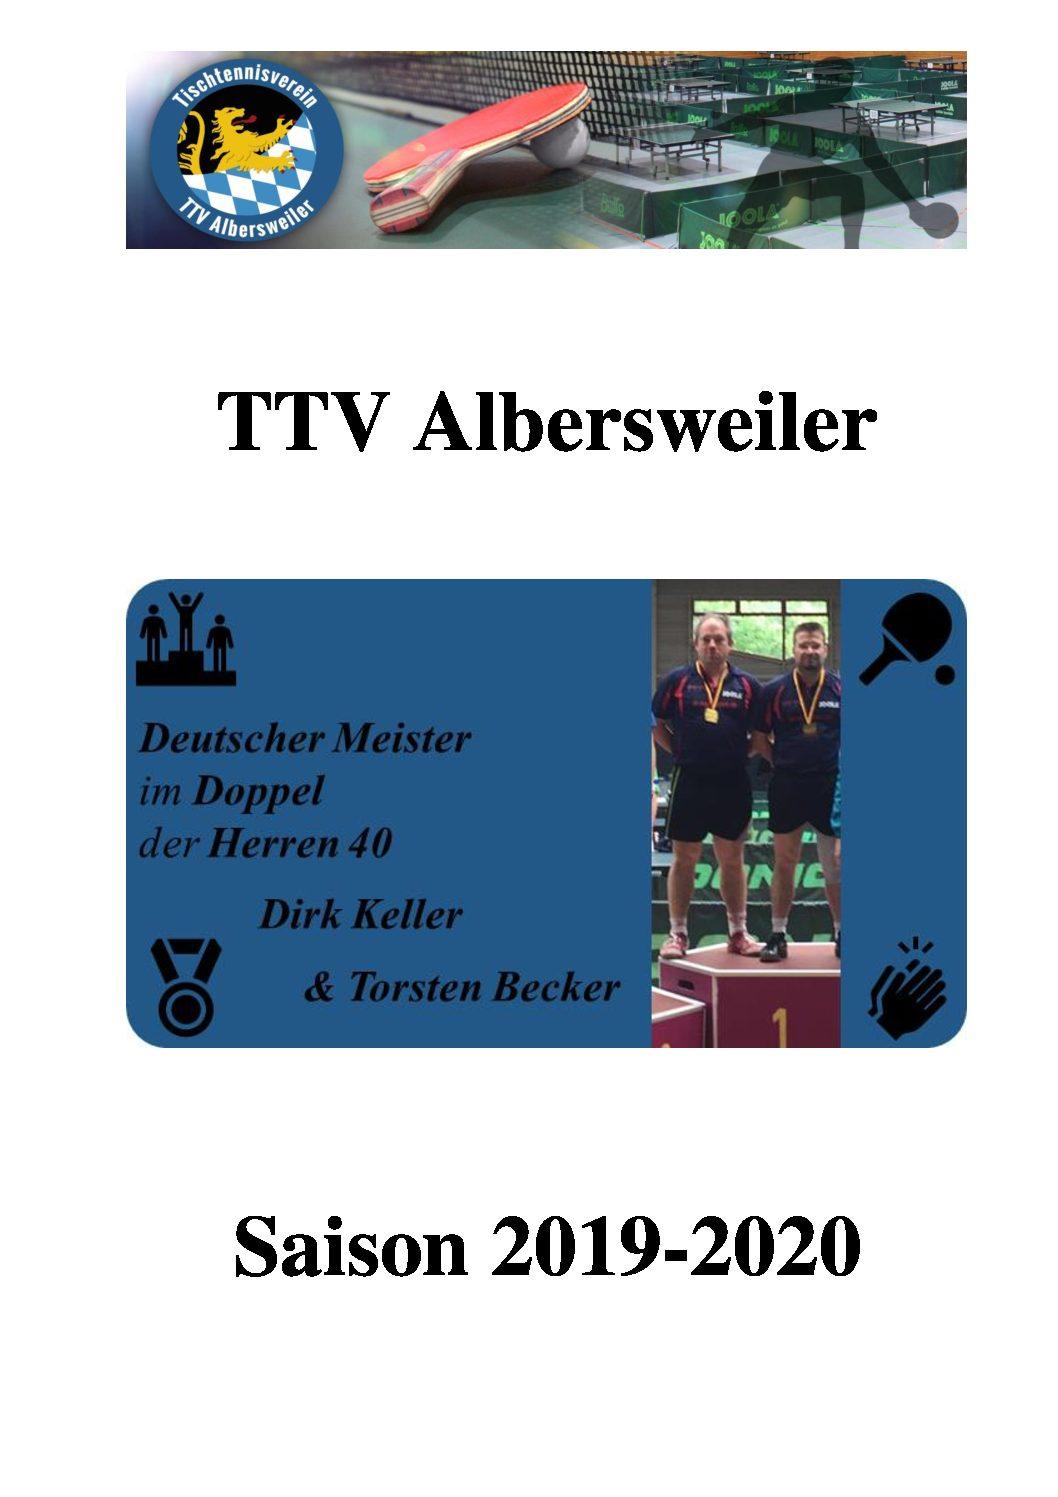 TTV Albersweiler